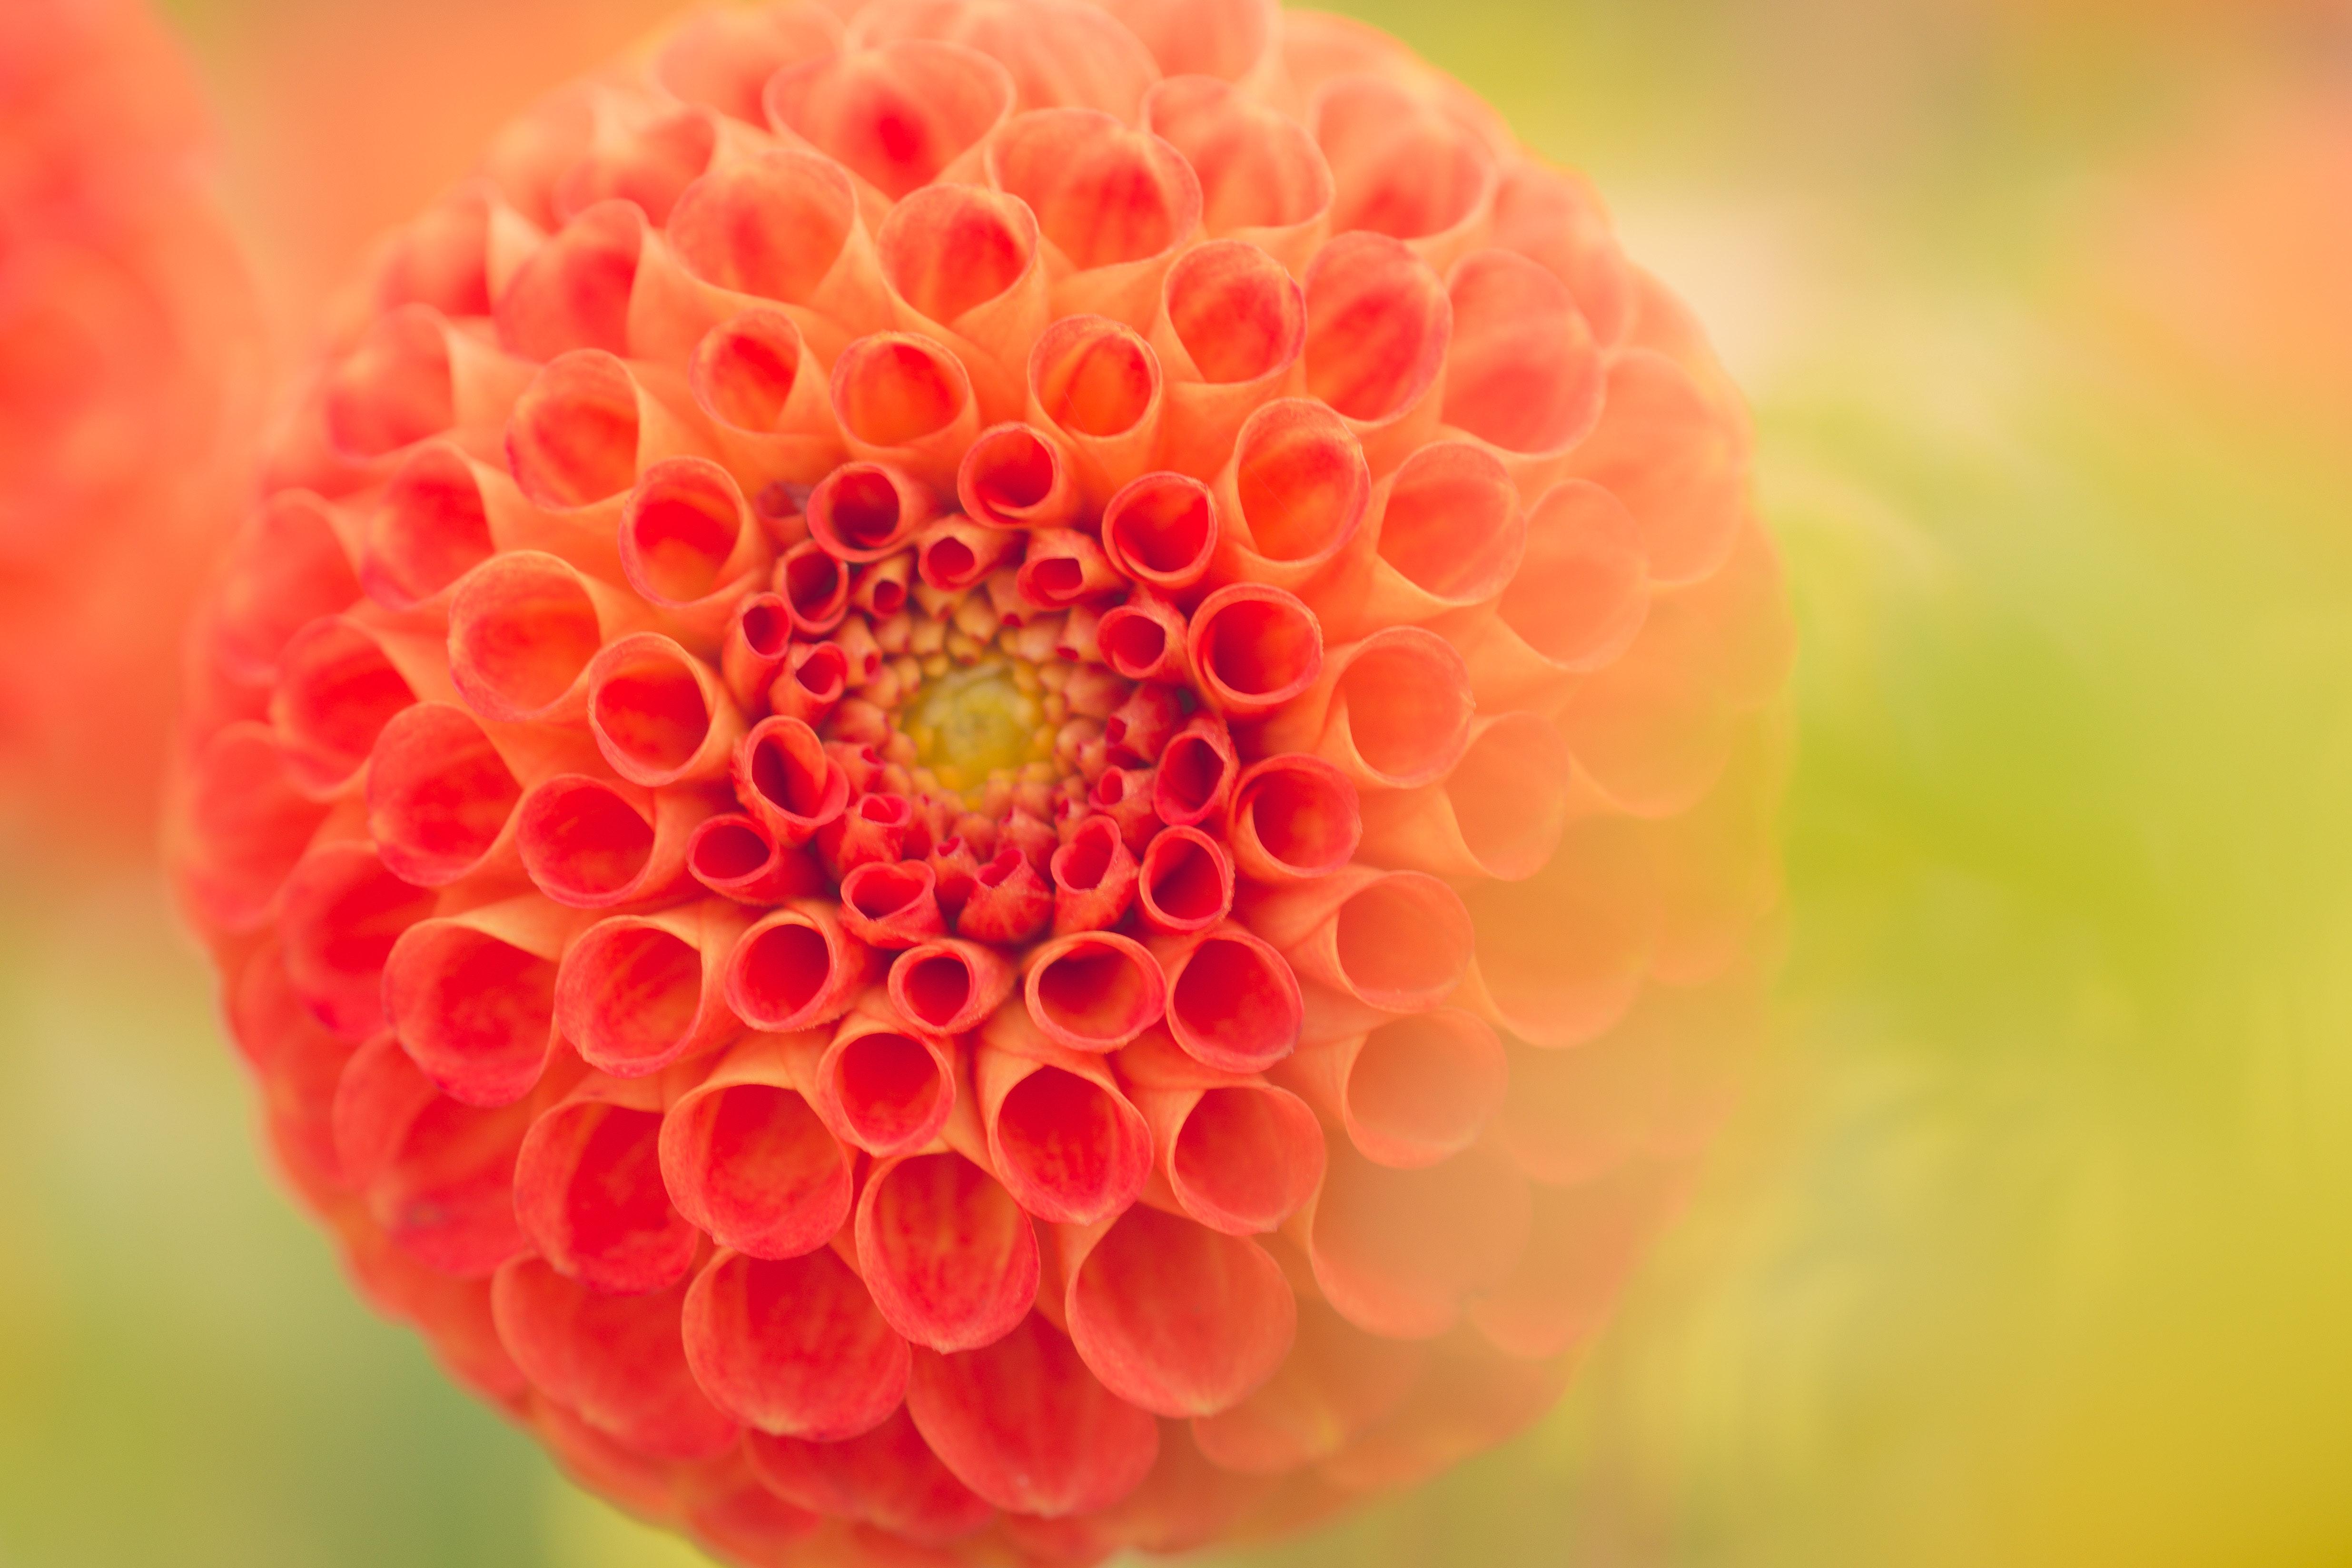 Free Photo Close Up Photography Of Orange Dahlia Flower Nature